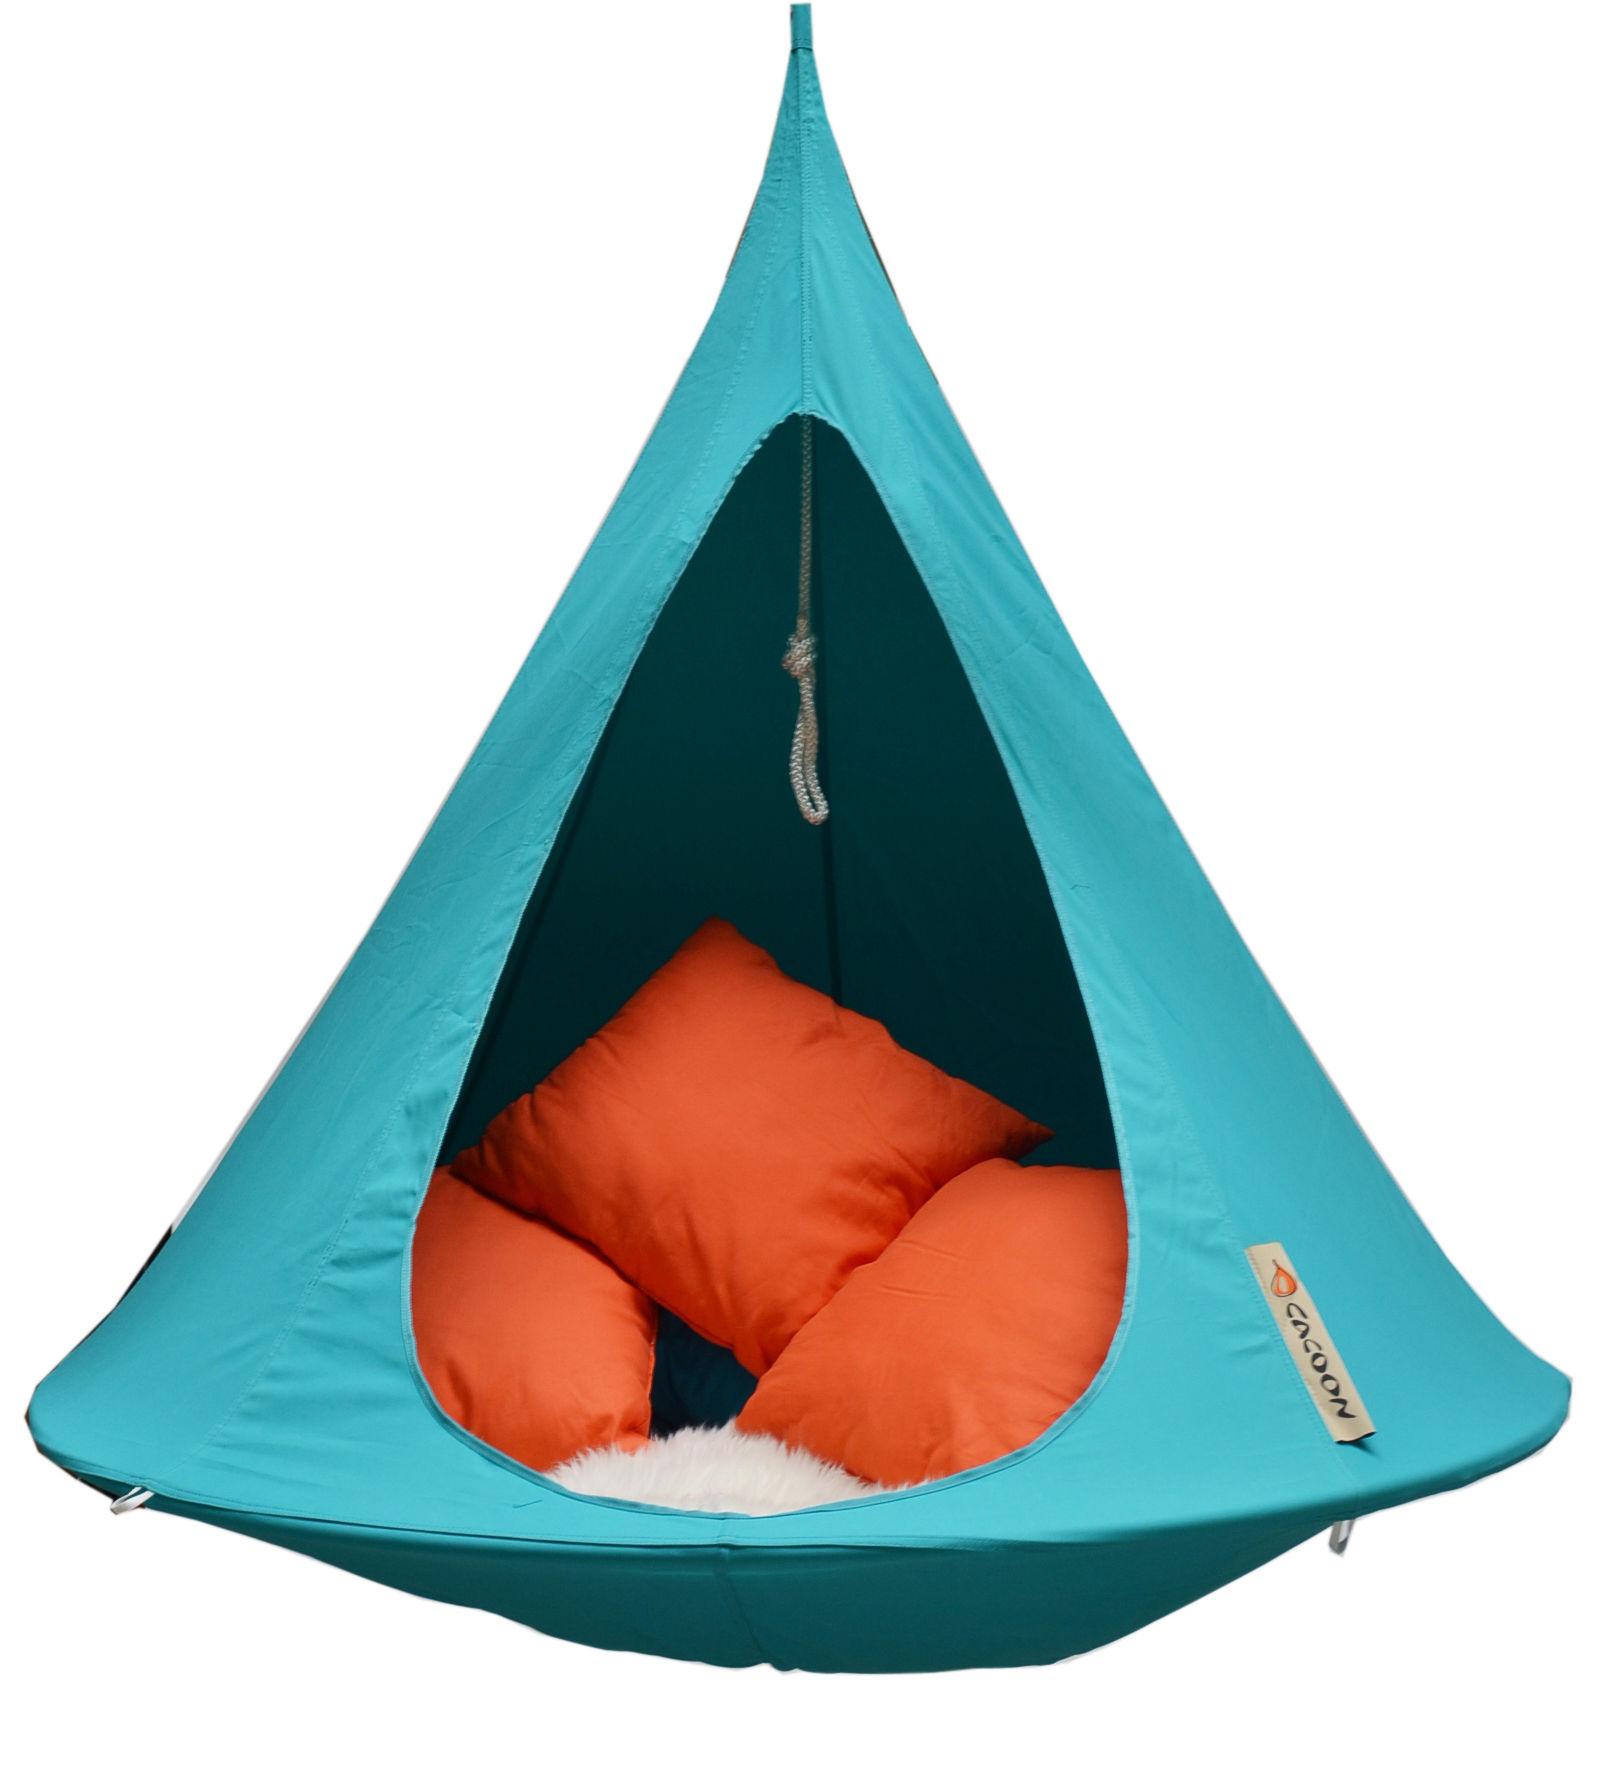 Outdoor - Chaises longues et hamacs - Fauteuil suspendu / Tente - Ø 150 cm - 1 personne - Cacoon - Turquoise - Toile